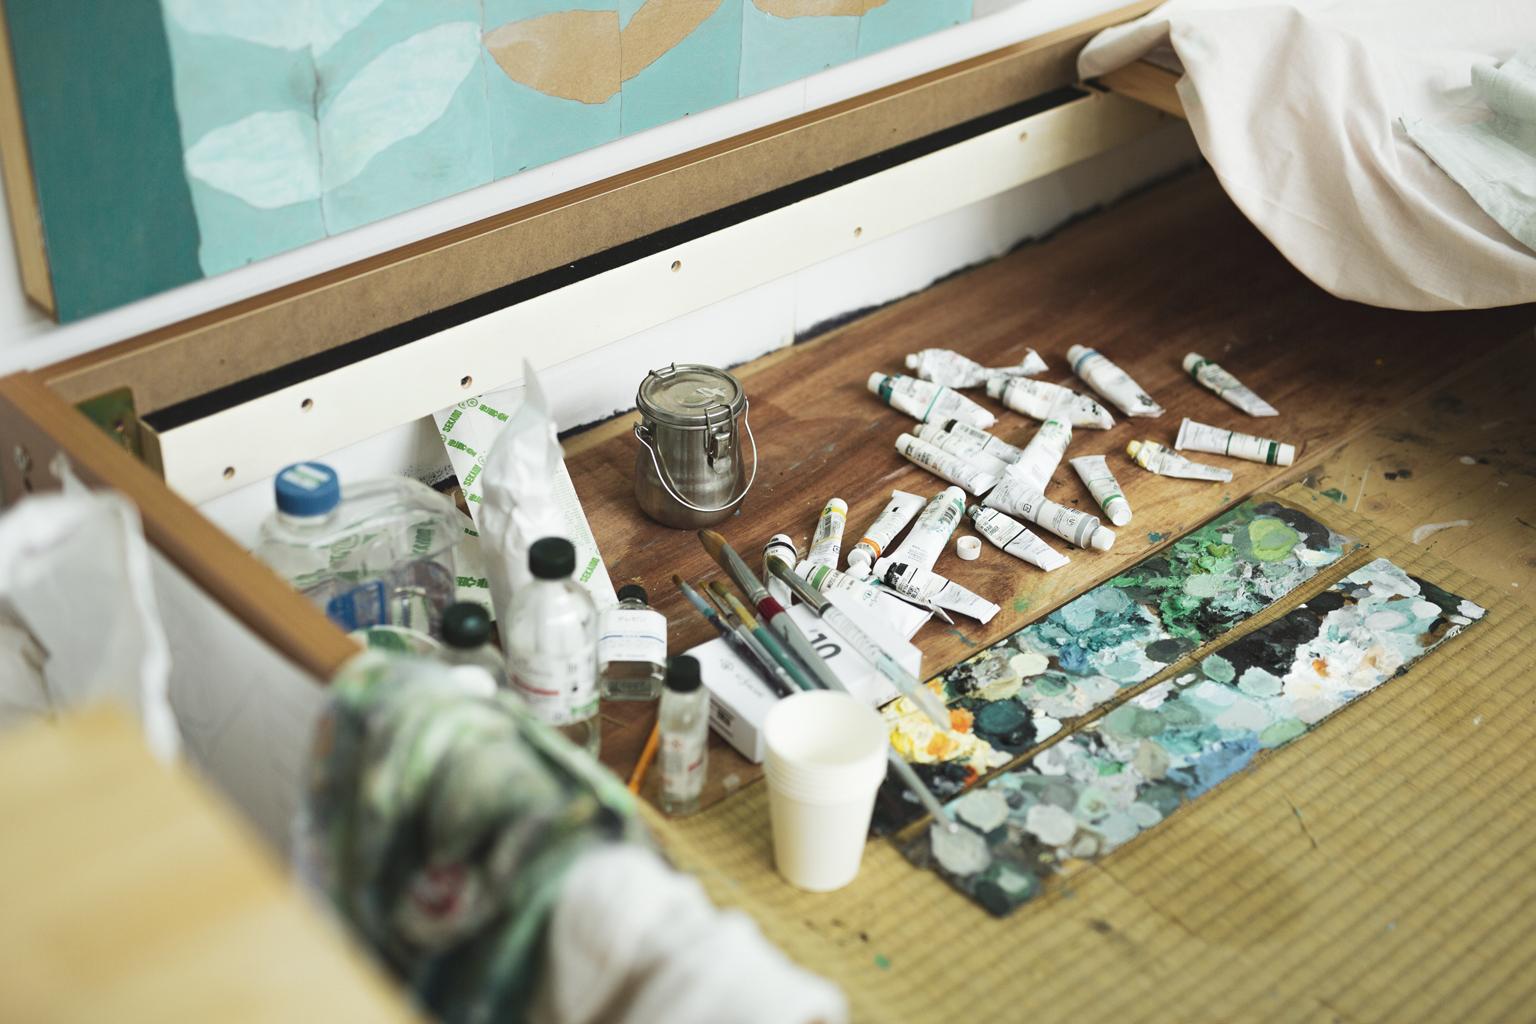 アトリエに散らばった油絵の具のチューブとダンボール製のパレット。パレットには緑~青の落ち着いた色が拡がっている